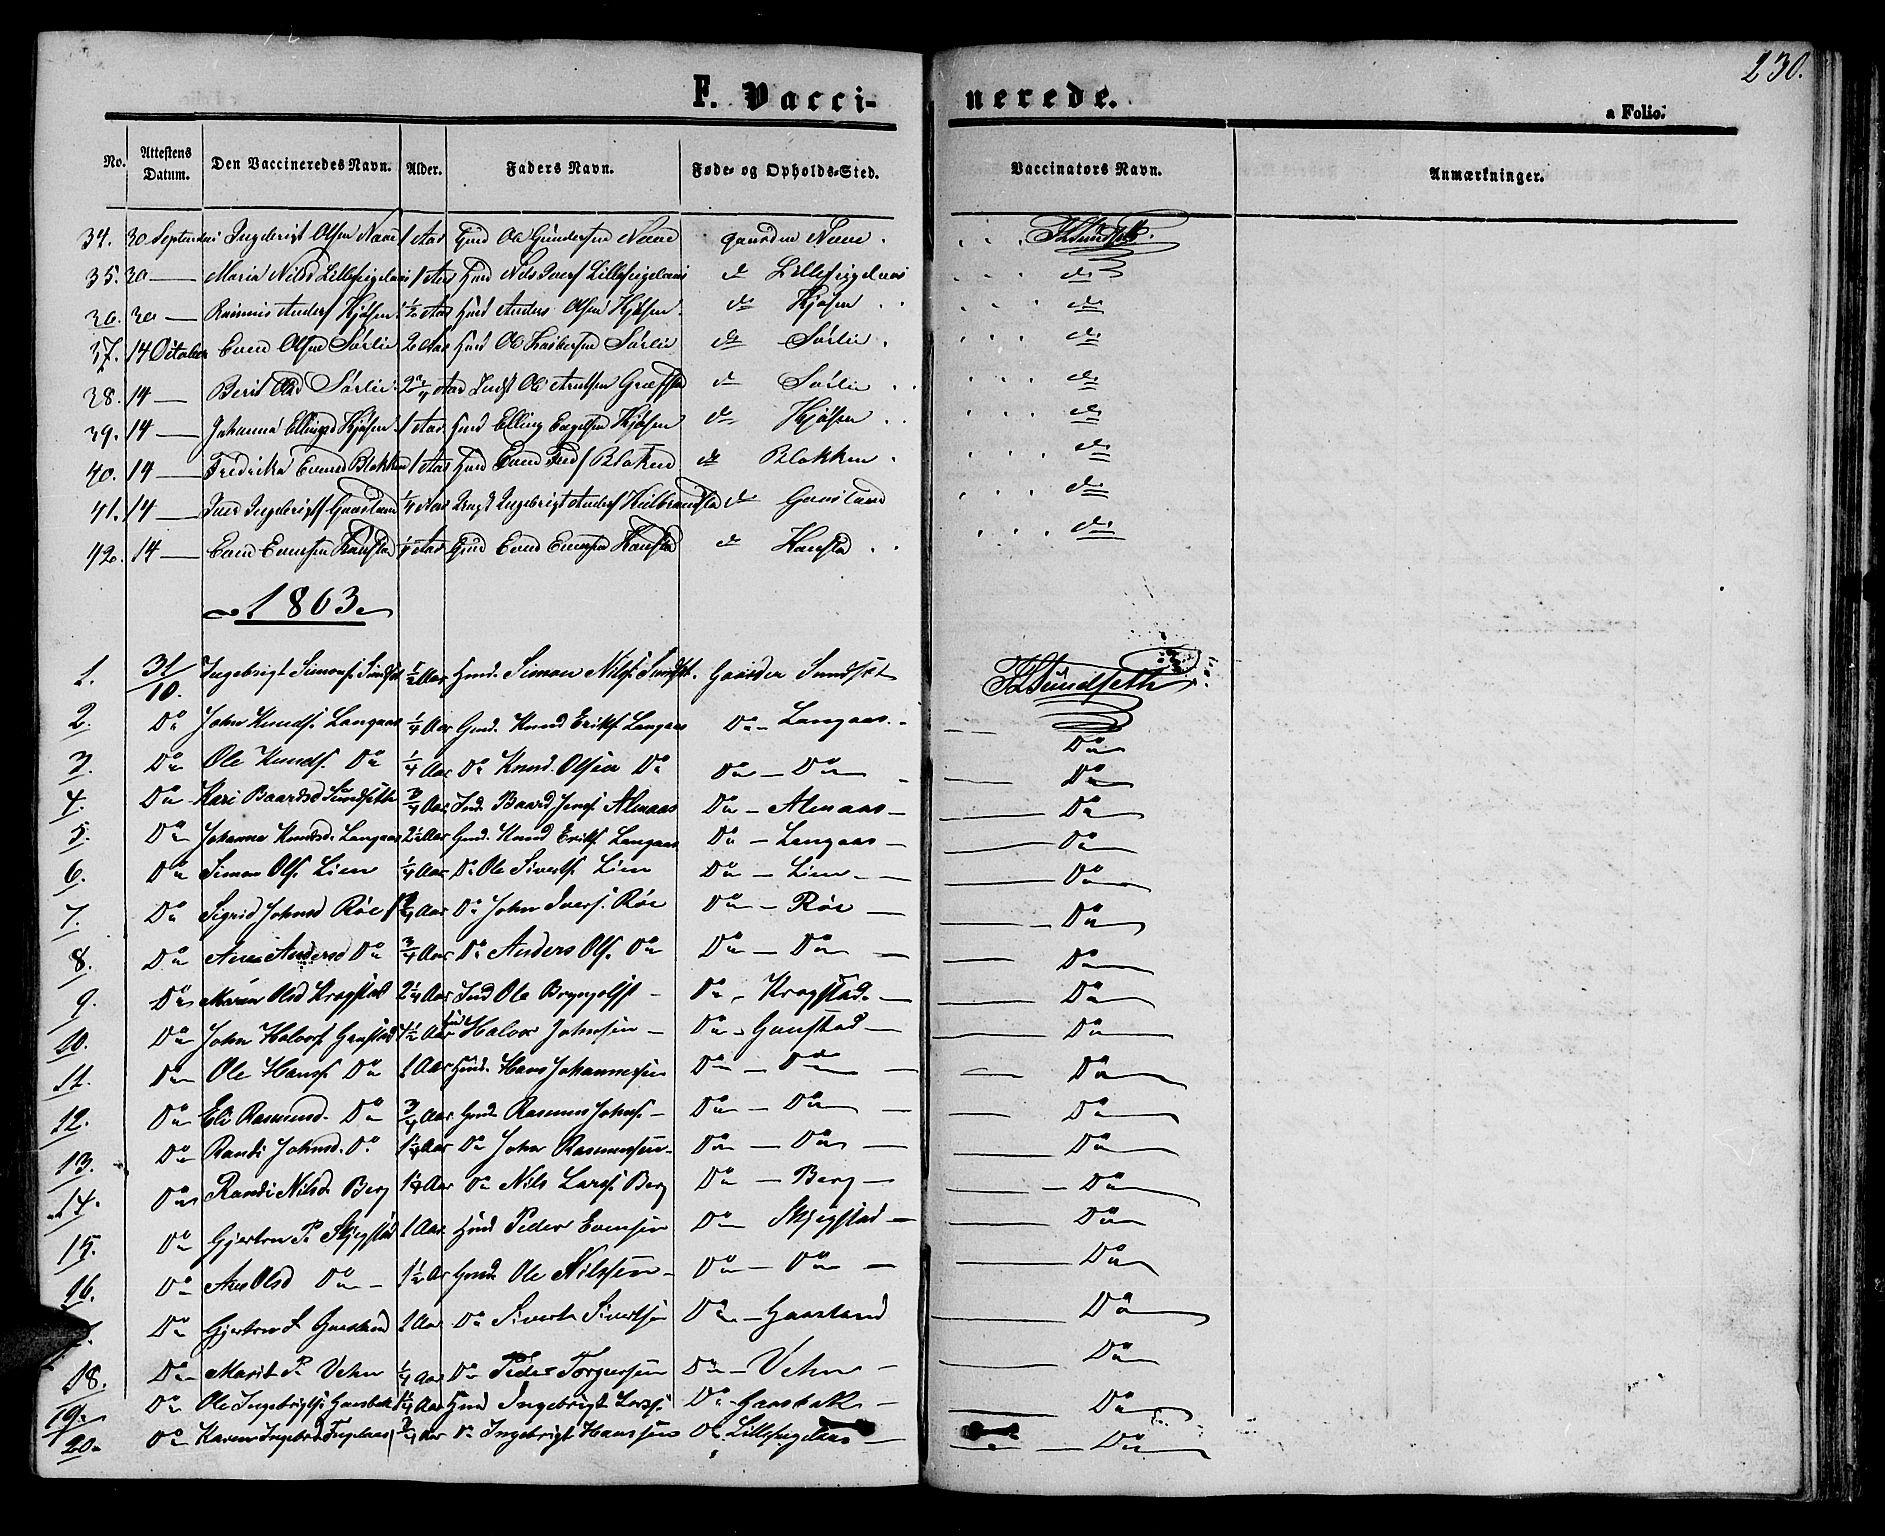 SAT, Ministerialprotokoller, klokkerbøker og fødselsregistre - Sør-Trøndelag, 694/L1131: Klokkerbok nr. 694C03, 1858-1886, s. 230